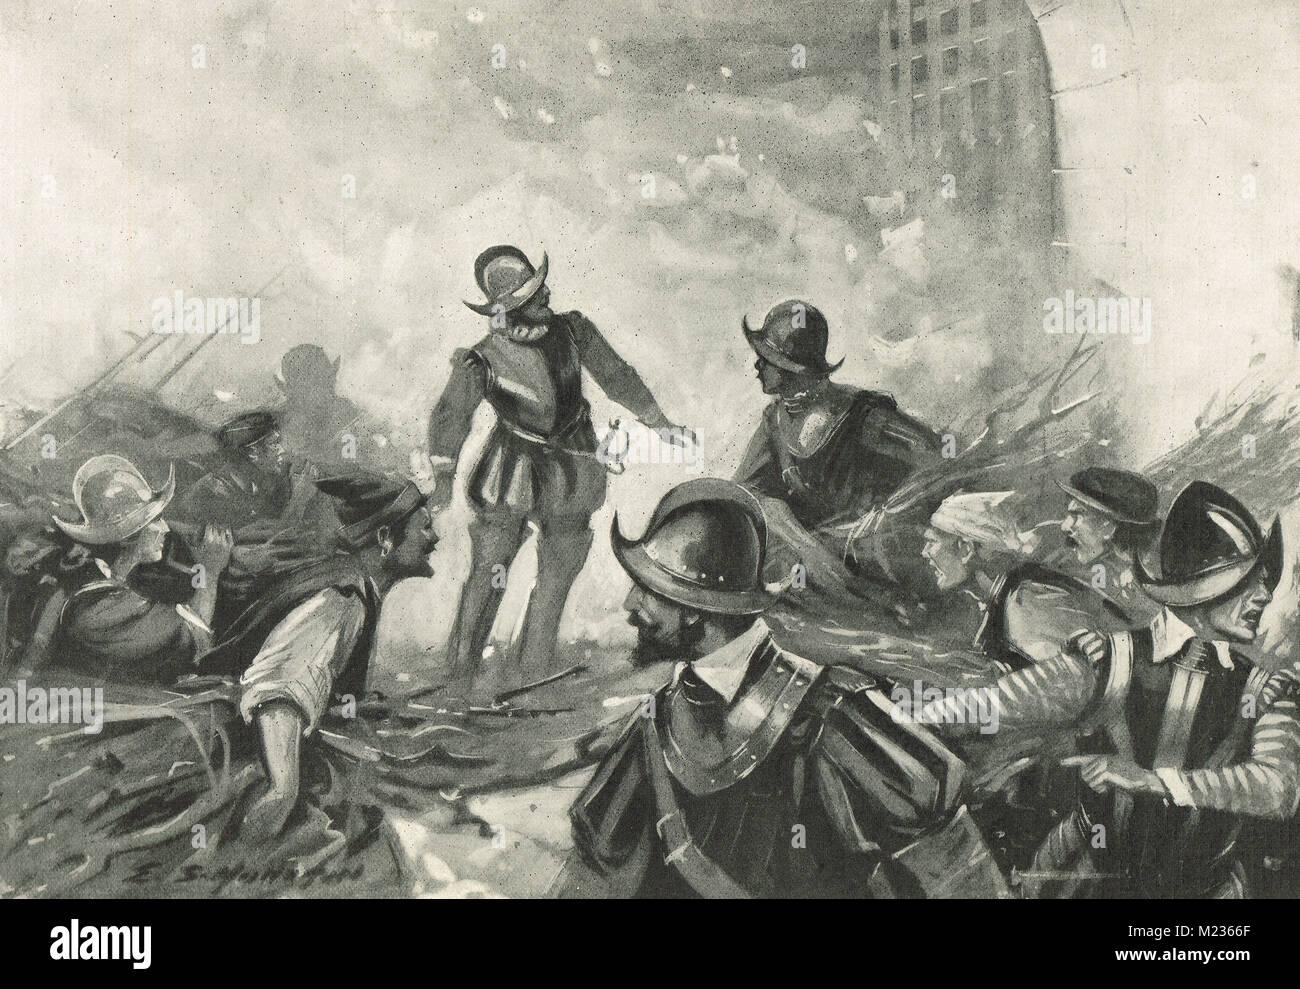 Asalto a la Fortaleza de Sagres, Portugal, 14 de mayo de 1587 Imagen De Stock